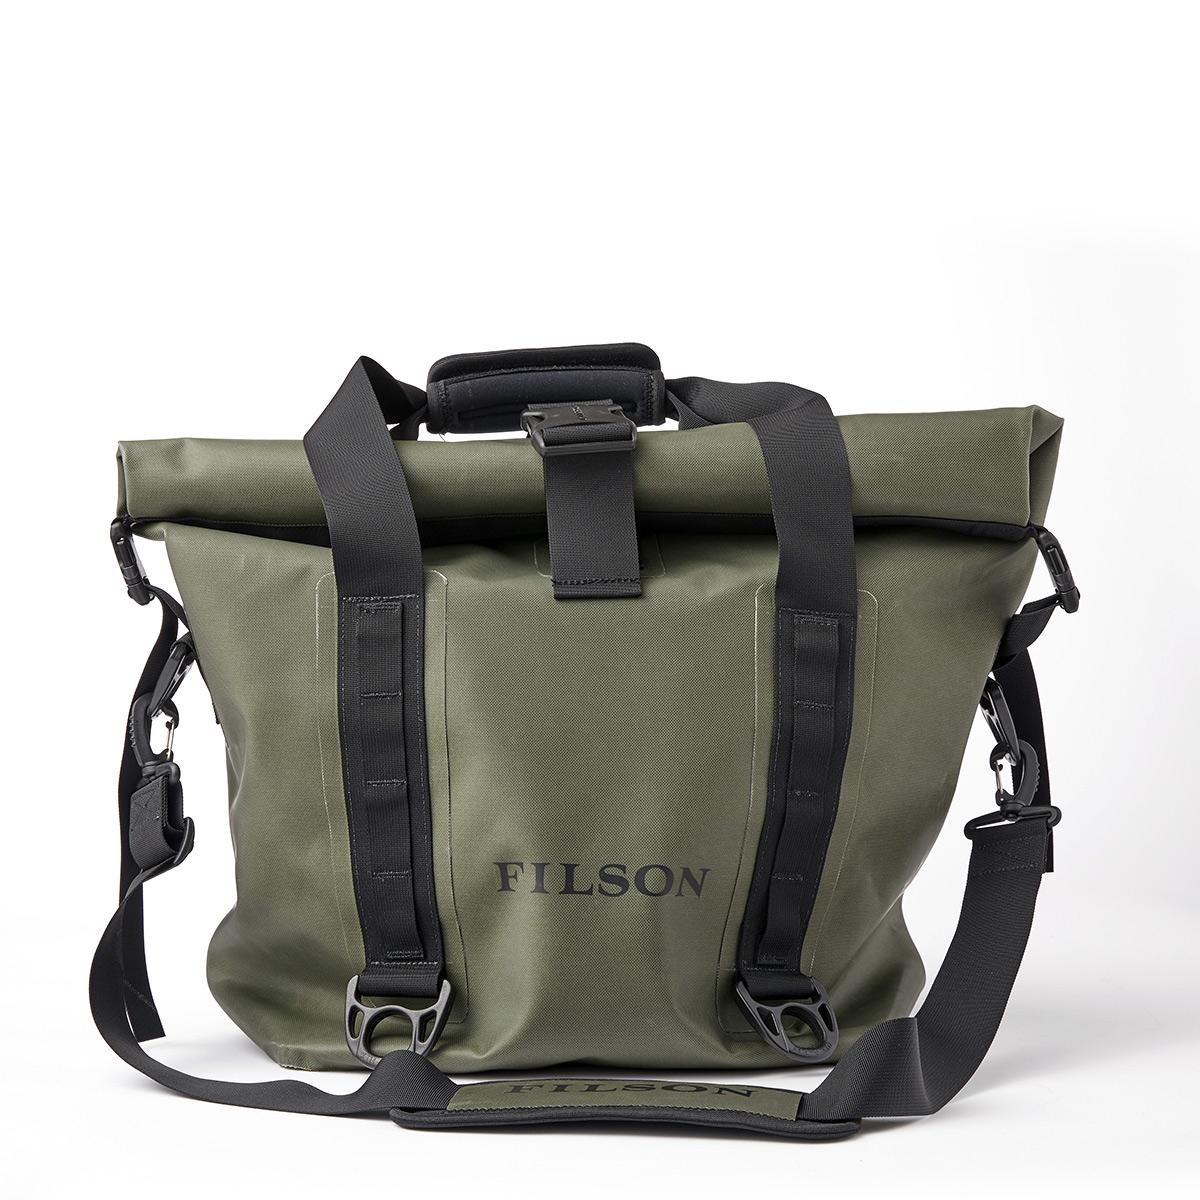 Filson Dry Roll-Top Tote Bag Green, houdt je uitrusting droog in alle weersomstandigheden